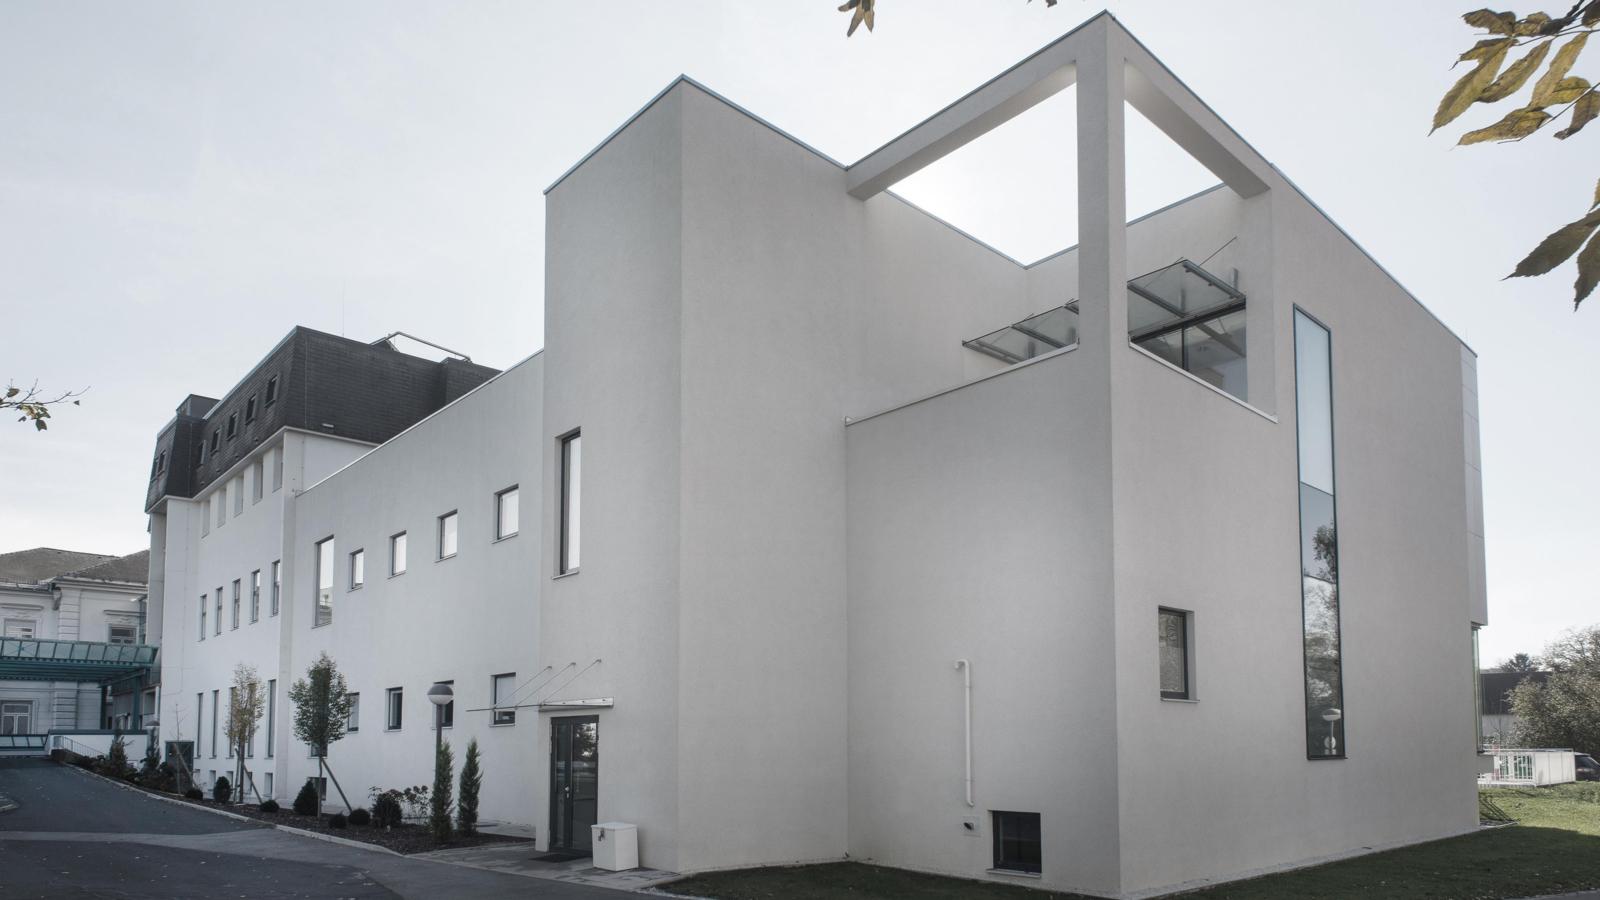 UMBAU UND ERWEITERUNG LANDESKRANKENHAUS_Fassadenbild03